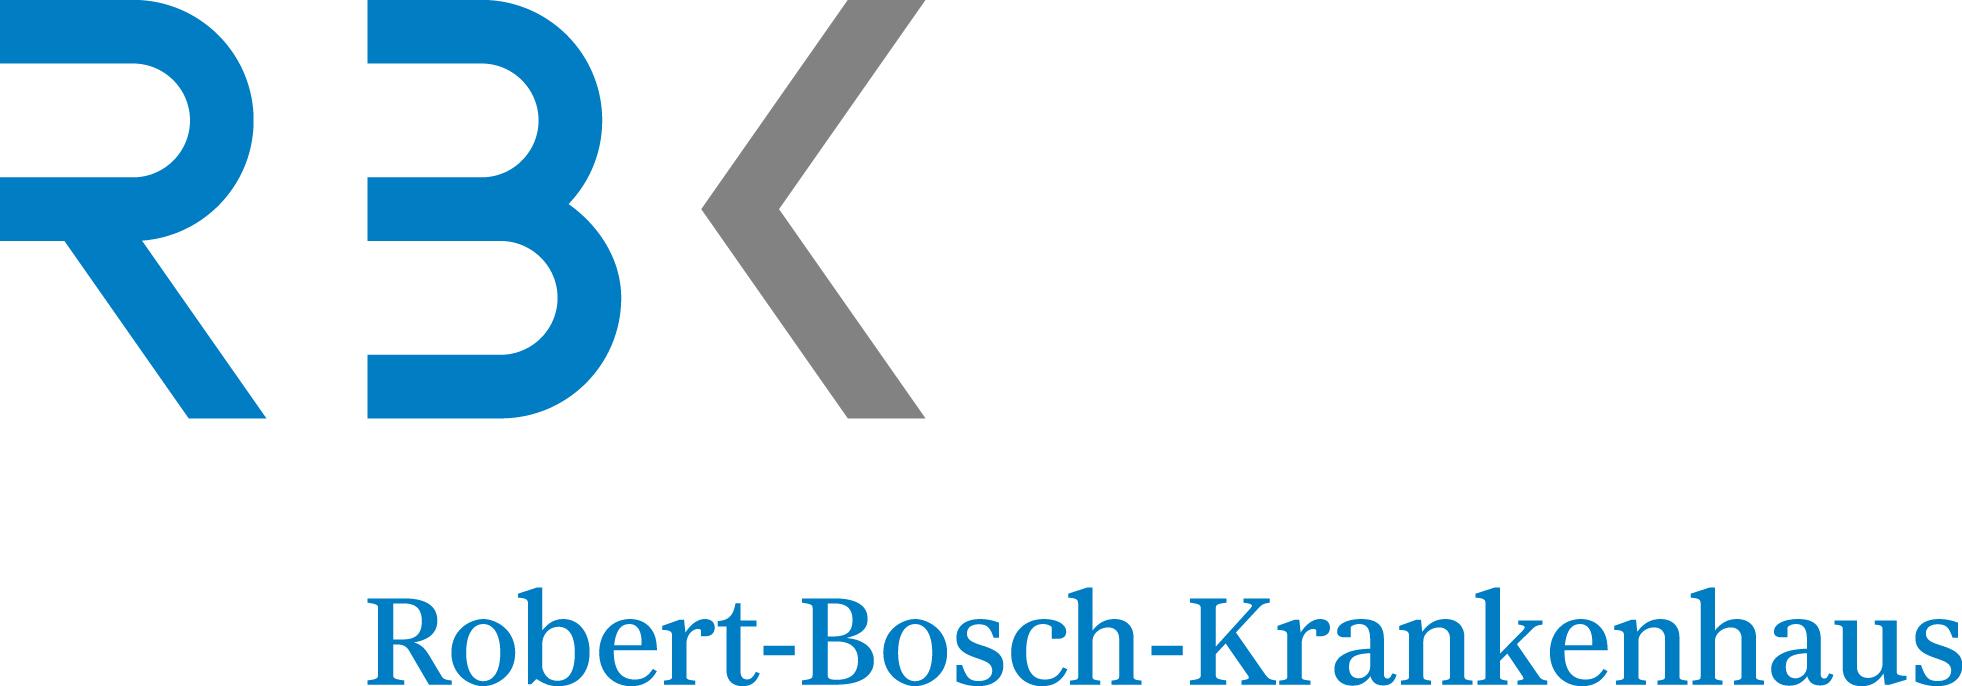 Robert-Bosch-Krankenhaus GmbH